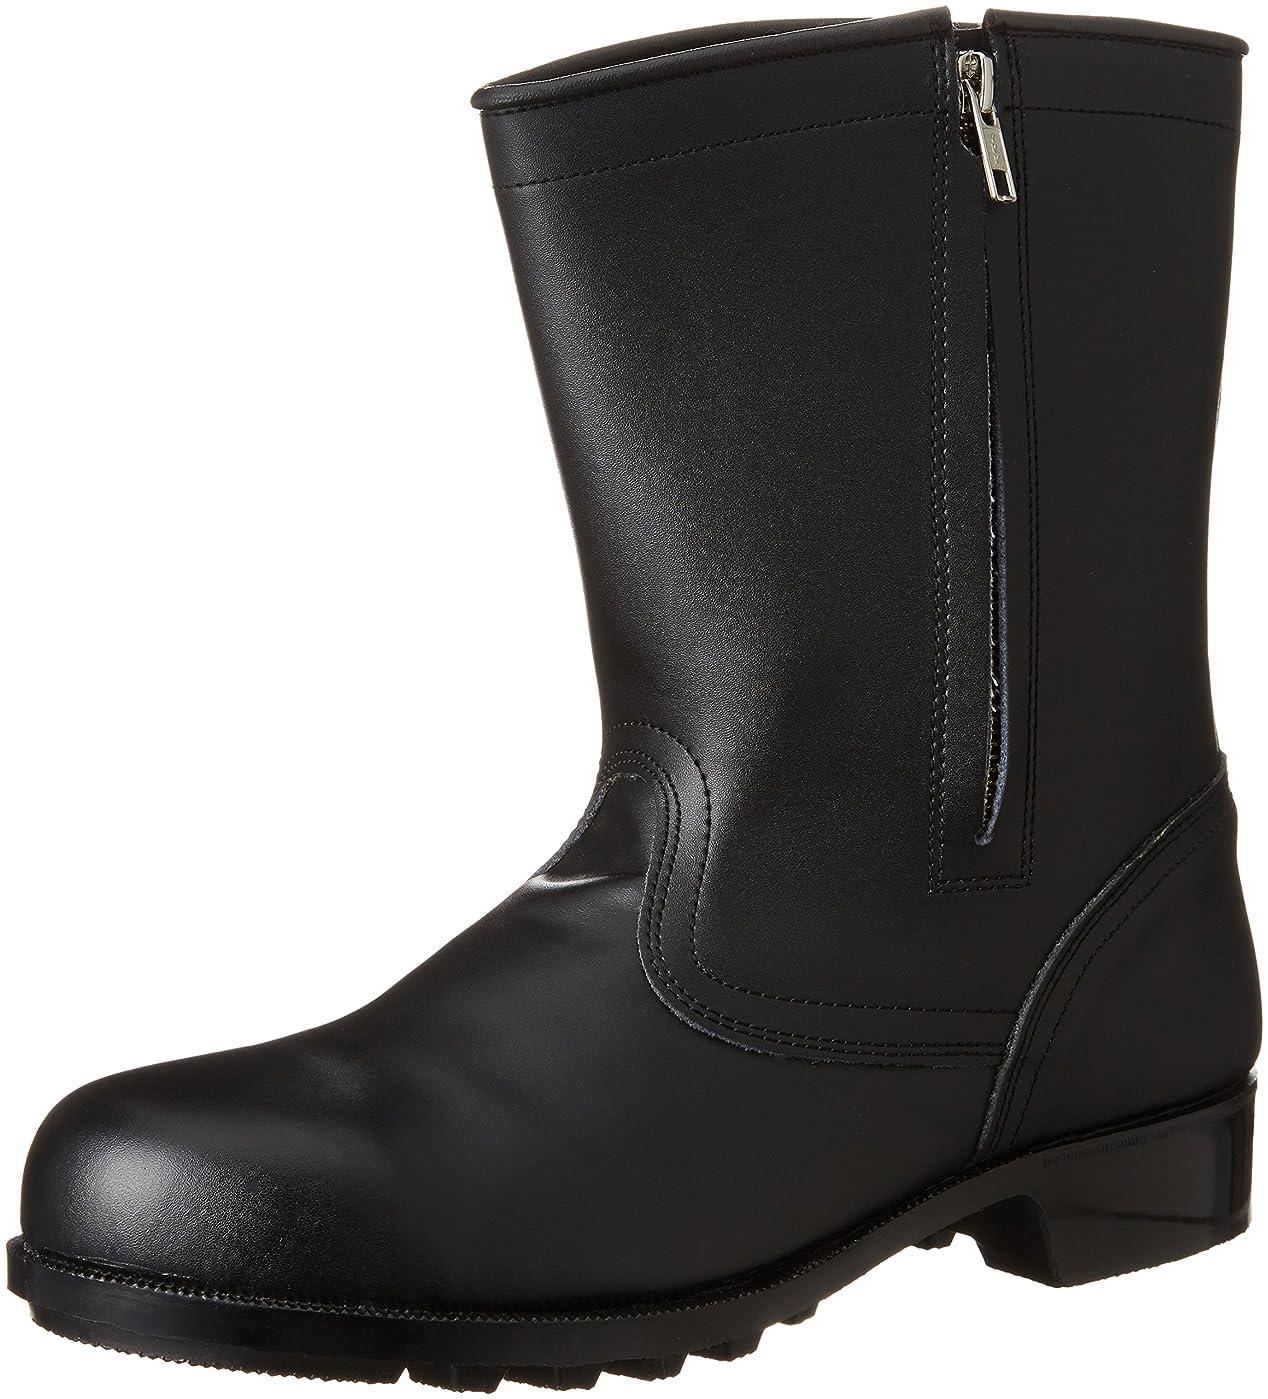 [エンゼル] 普通作業用安全靴 半長チャック付 CH311 6B041 メンズ